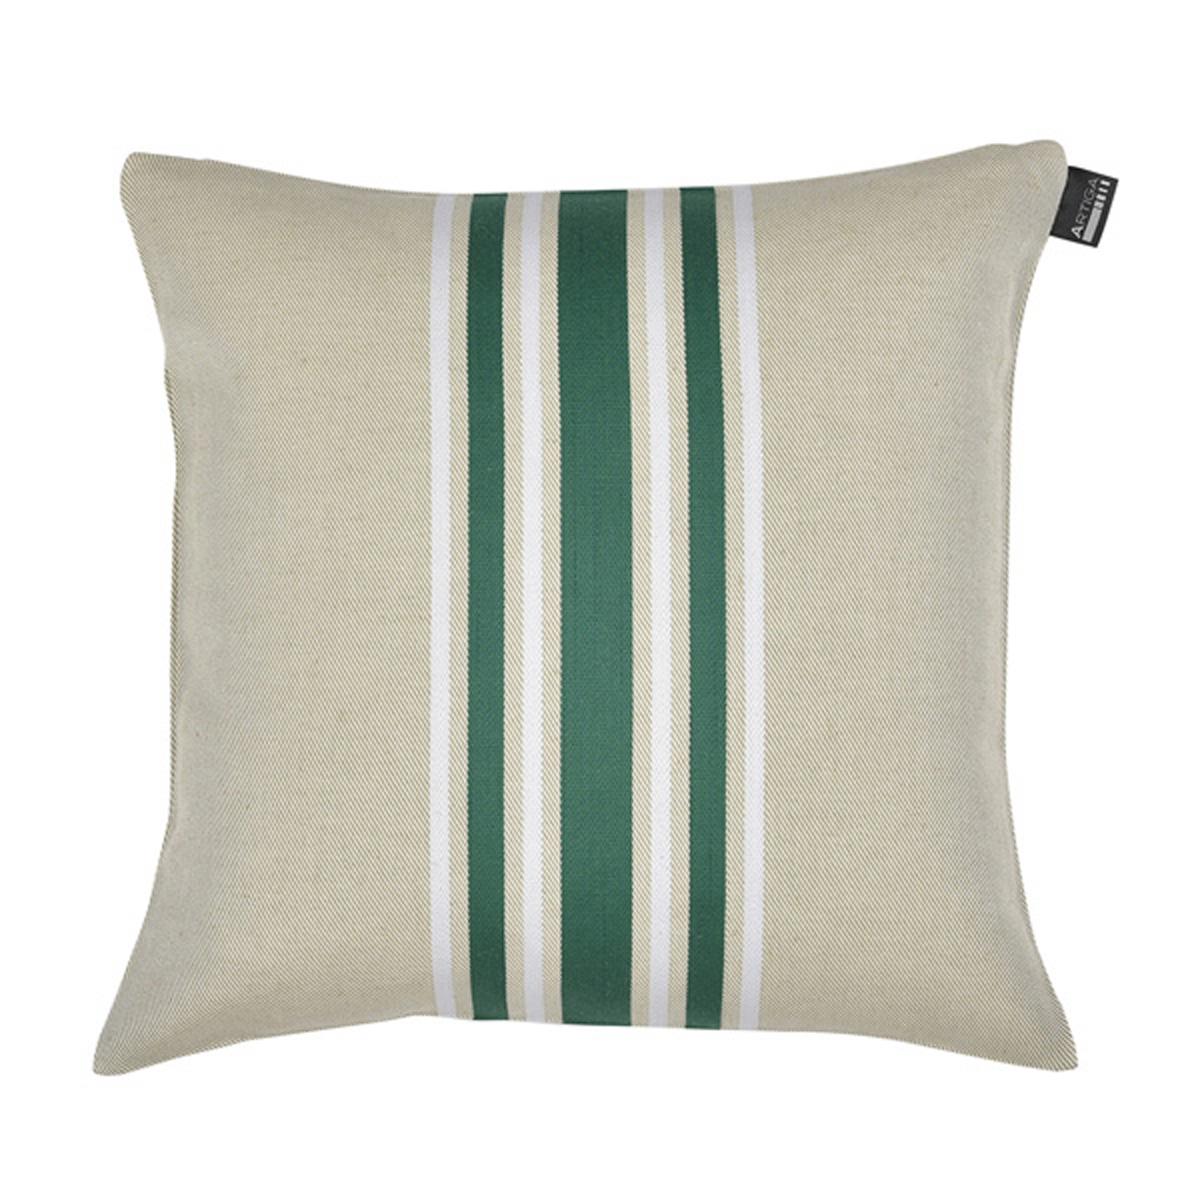 Coussin carré en coton vert 40x40 cm